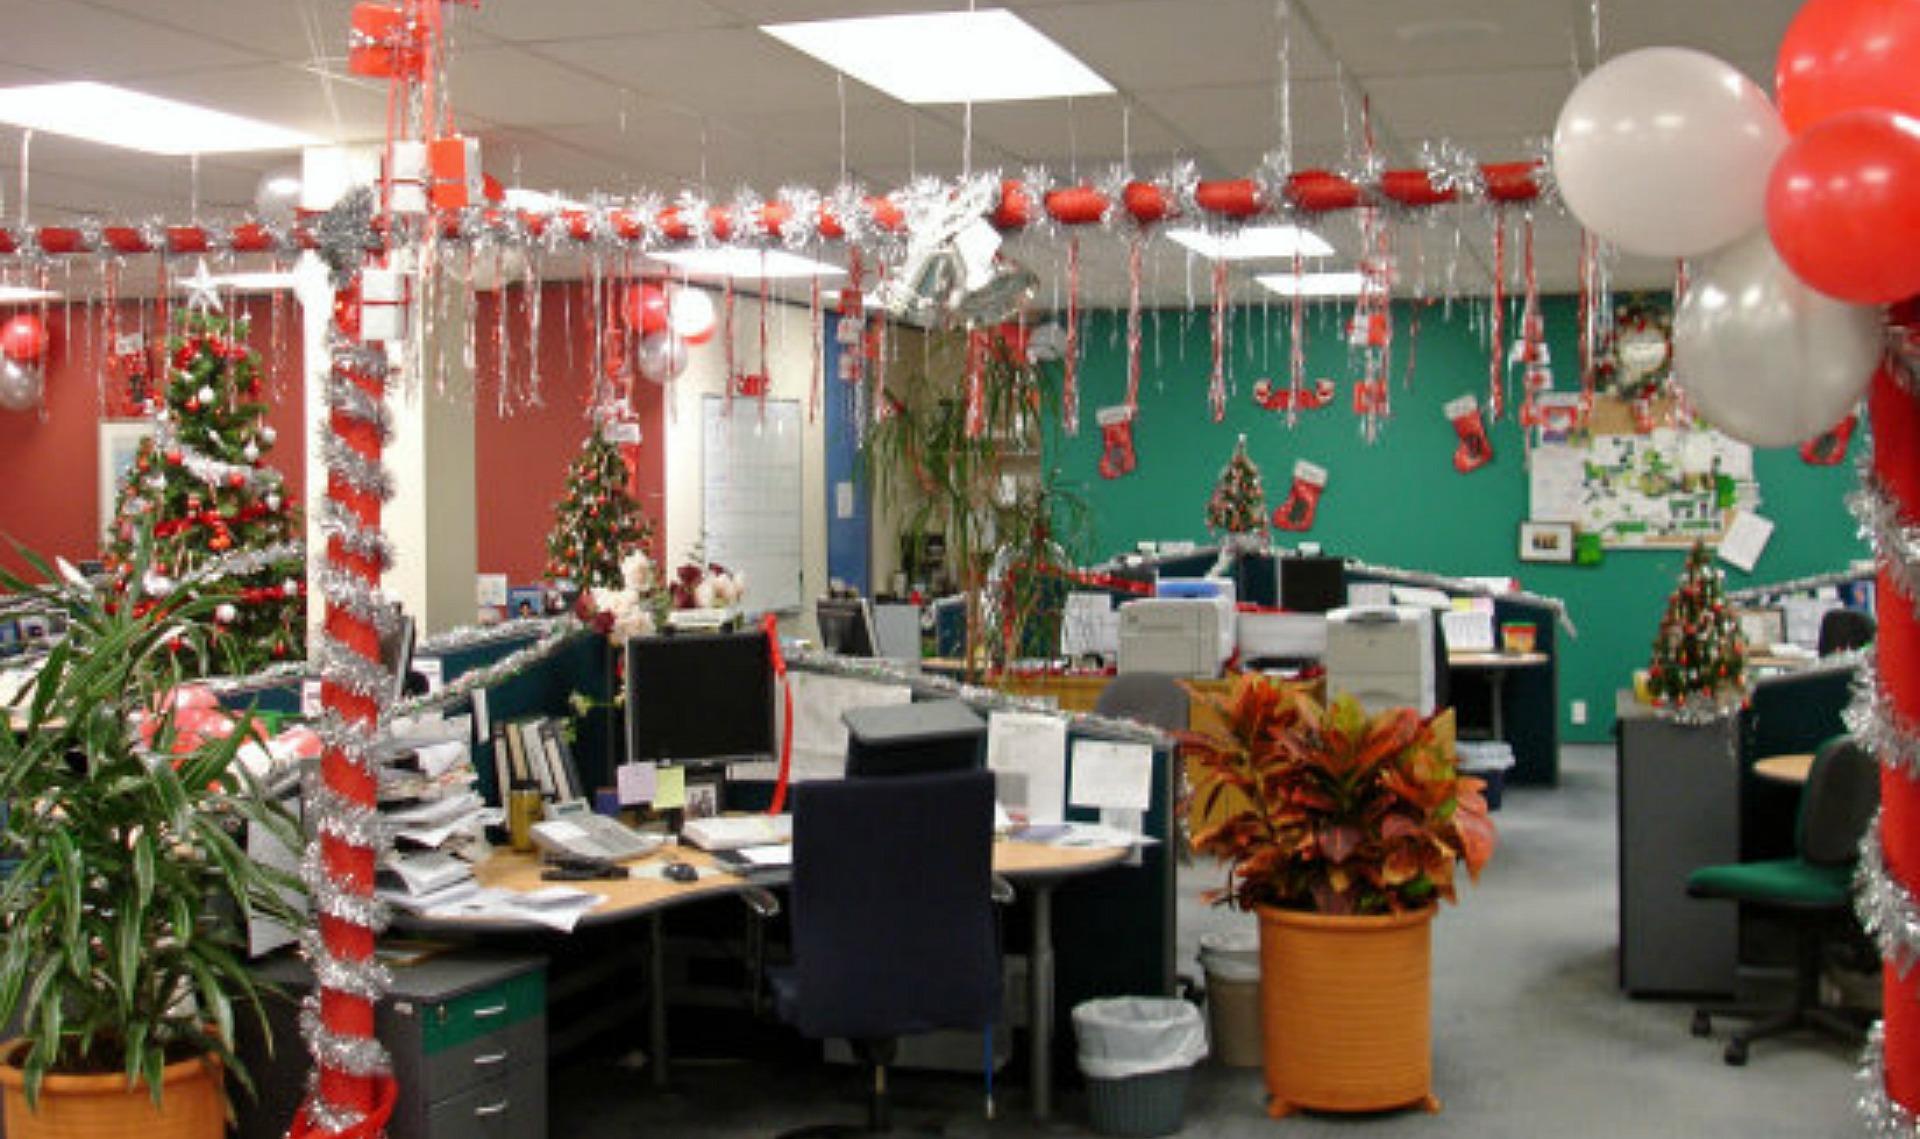 #A83023 Déco Noel Pour Bureau Exemples D'aménagements 5483 decorations de noel pour entreprise 1920x1139 px @ aertt.com